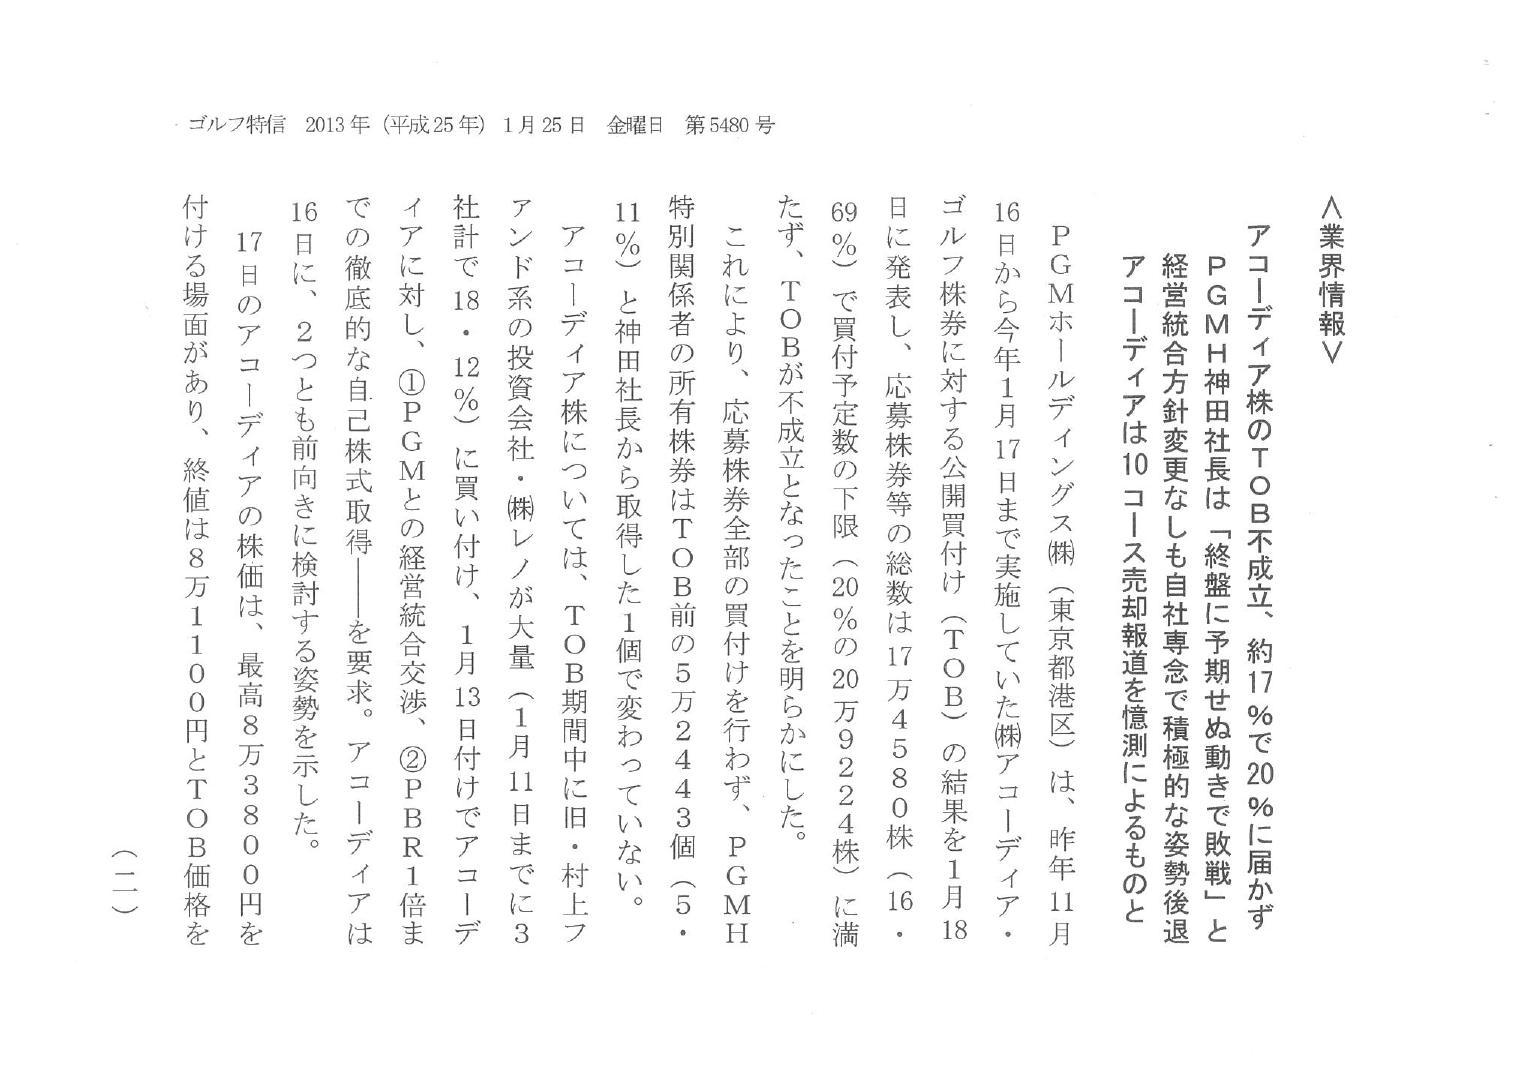 GTokushin_130125-1.jpg